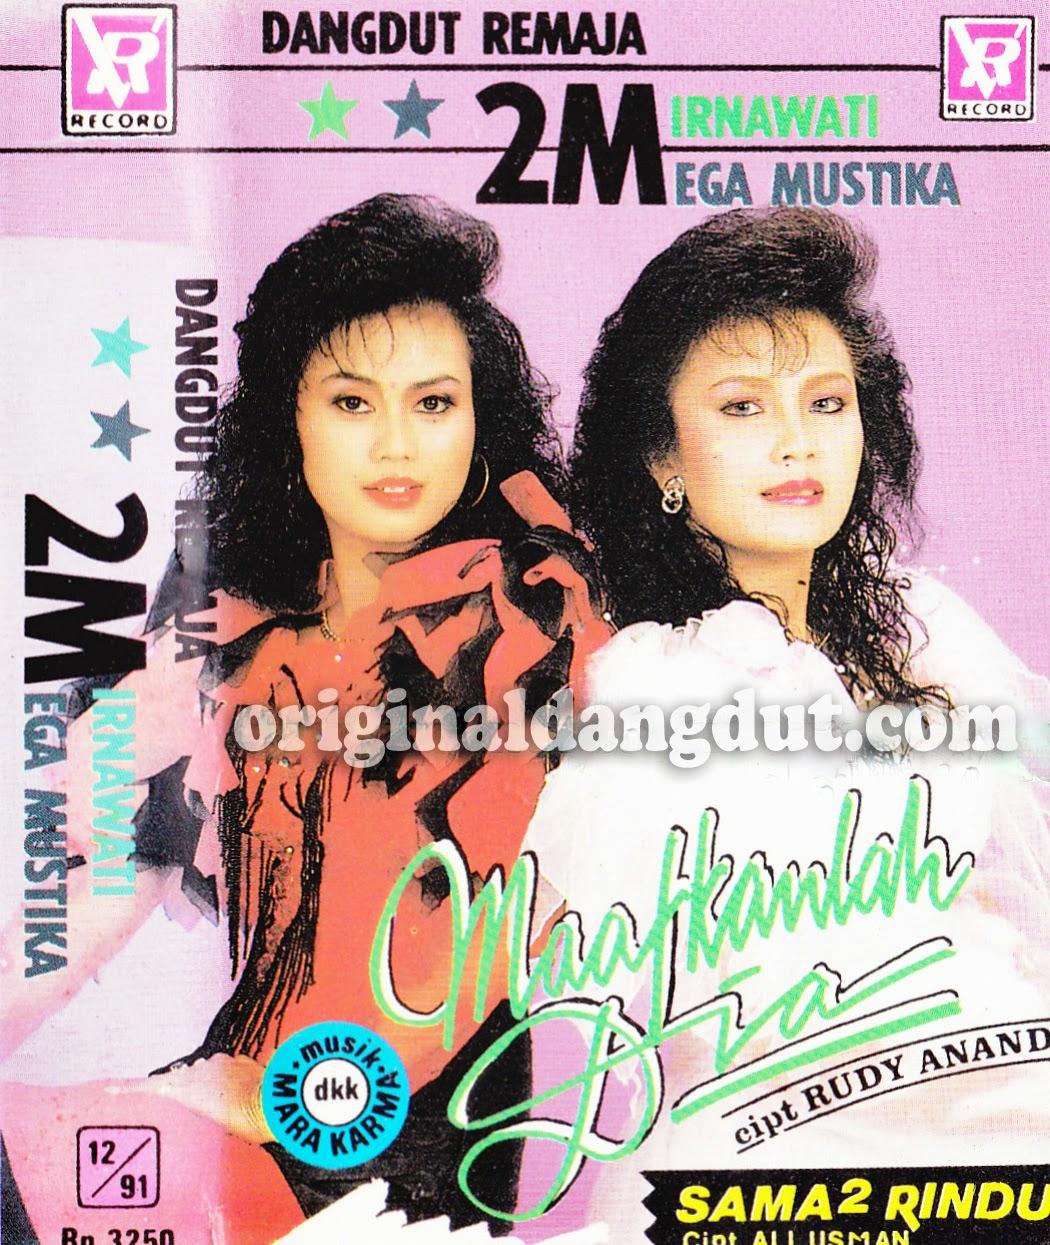 2 M MIRNAWATI & MEGA MUSTIKA (1990)